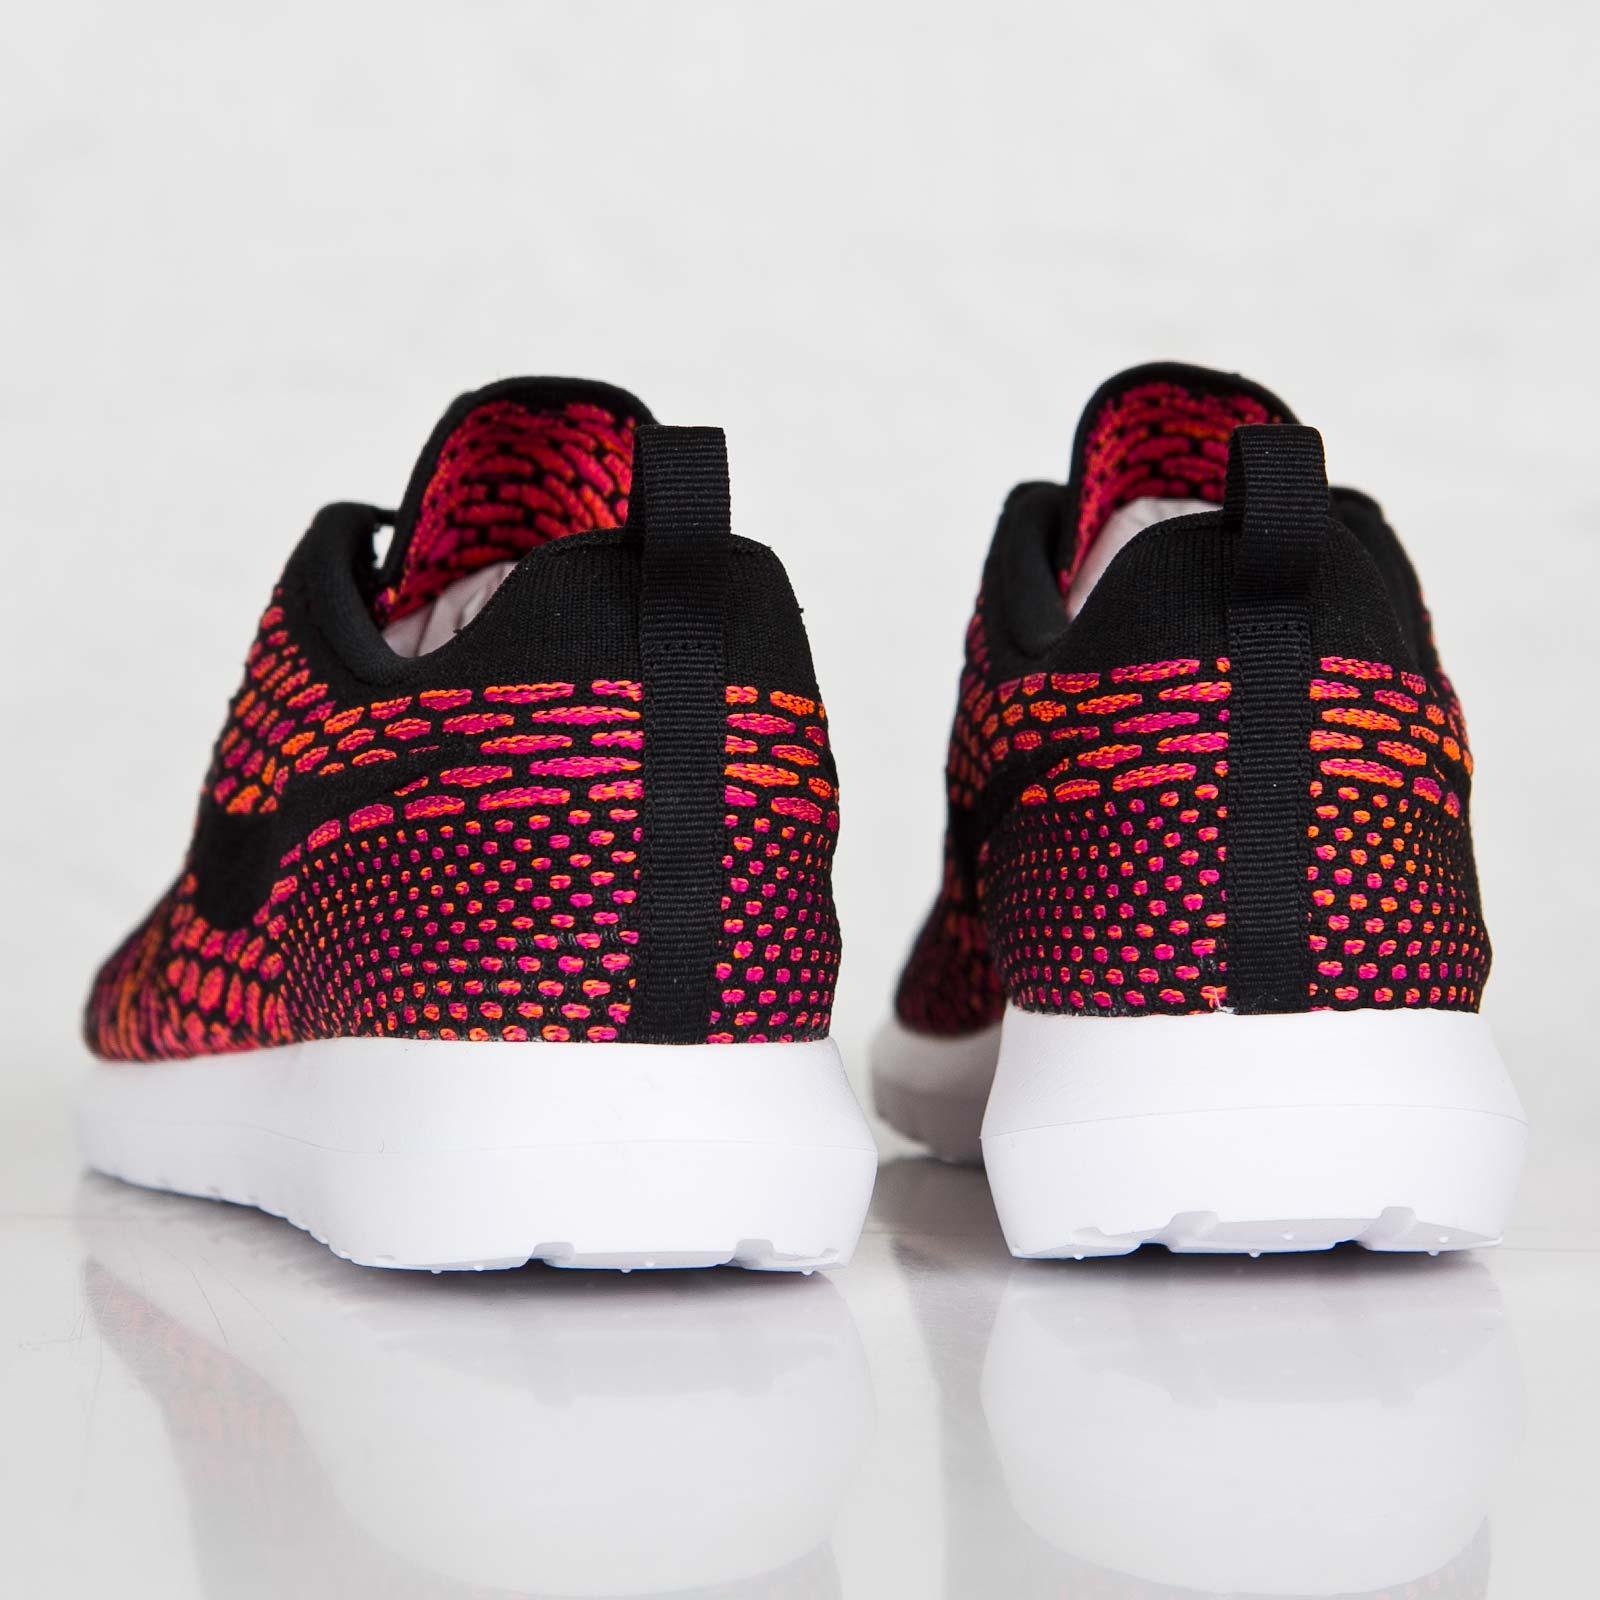 low priced 6d855 6a5d5 Nike Flyknit Roshe Run - 677243-004 - Sneakersnstuff   sneakers    streetwear online since 1999